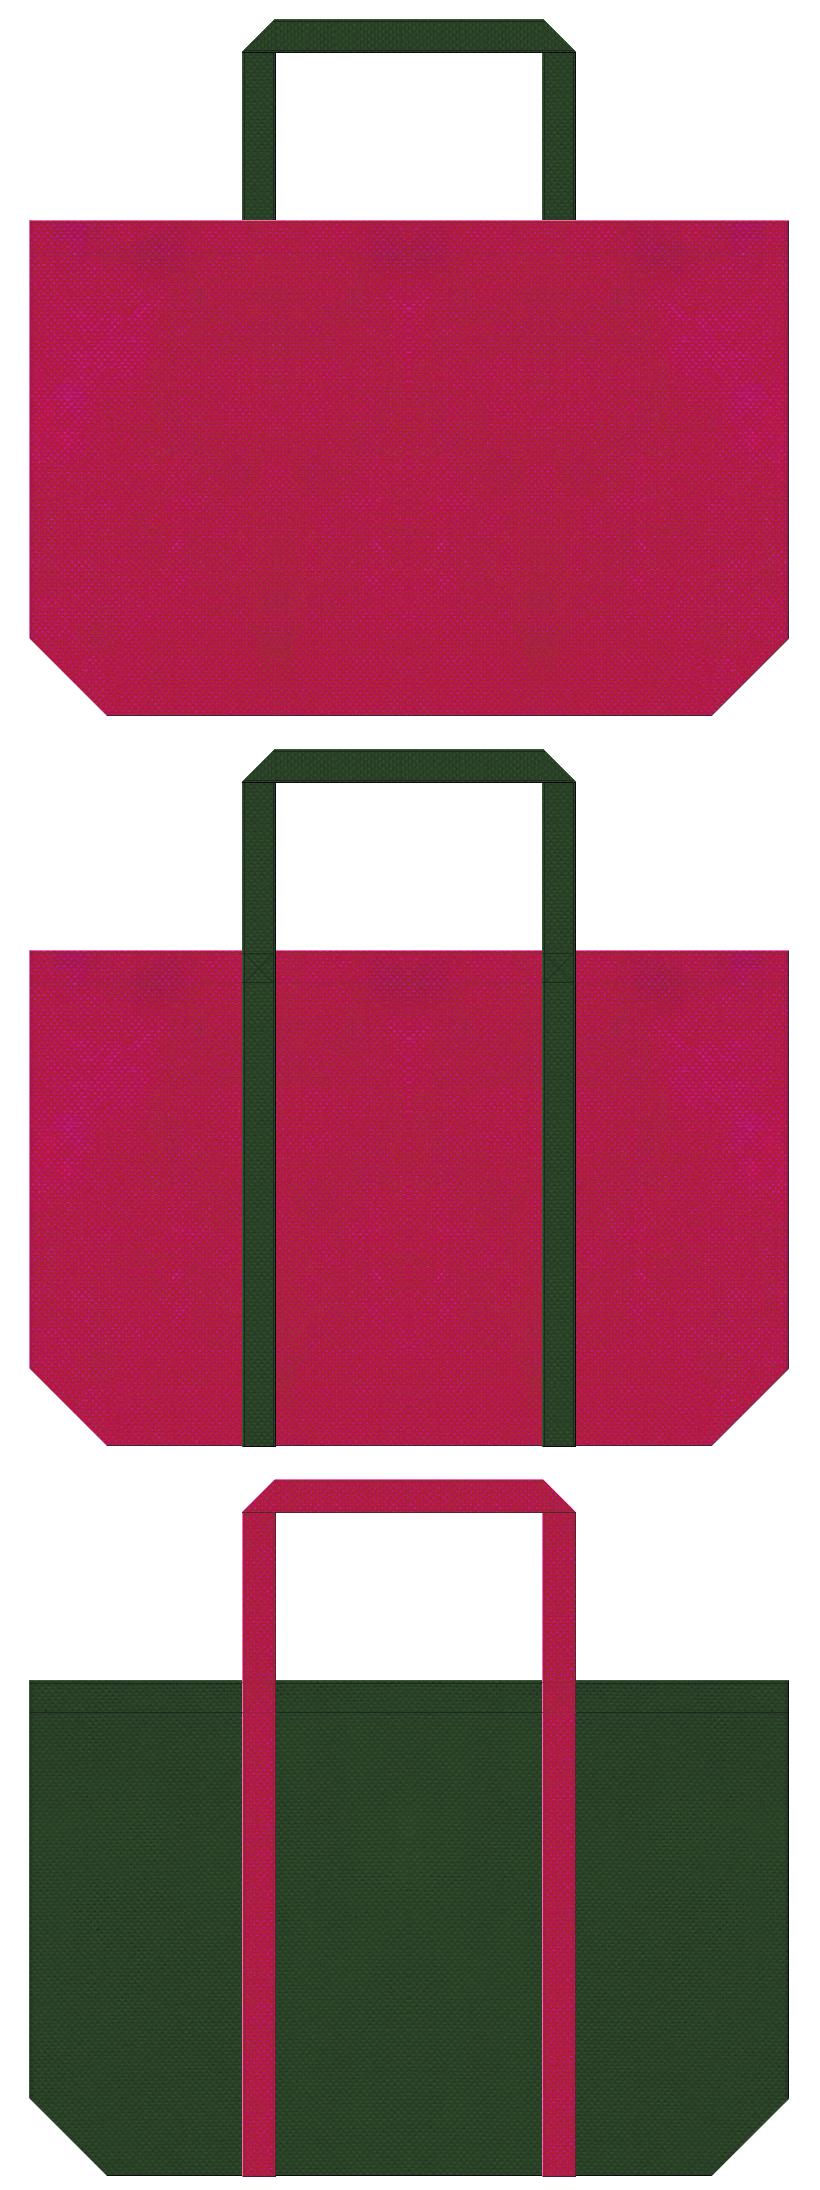 濃いピンク色と濃緑色の不織布ショッピングバッグデザイン。振袖・袴風の配色です。